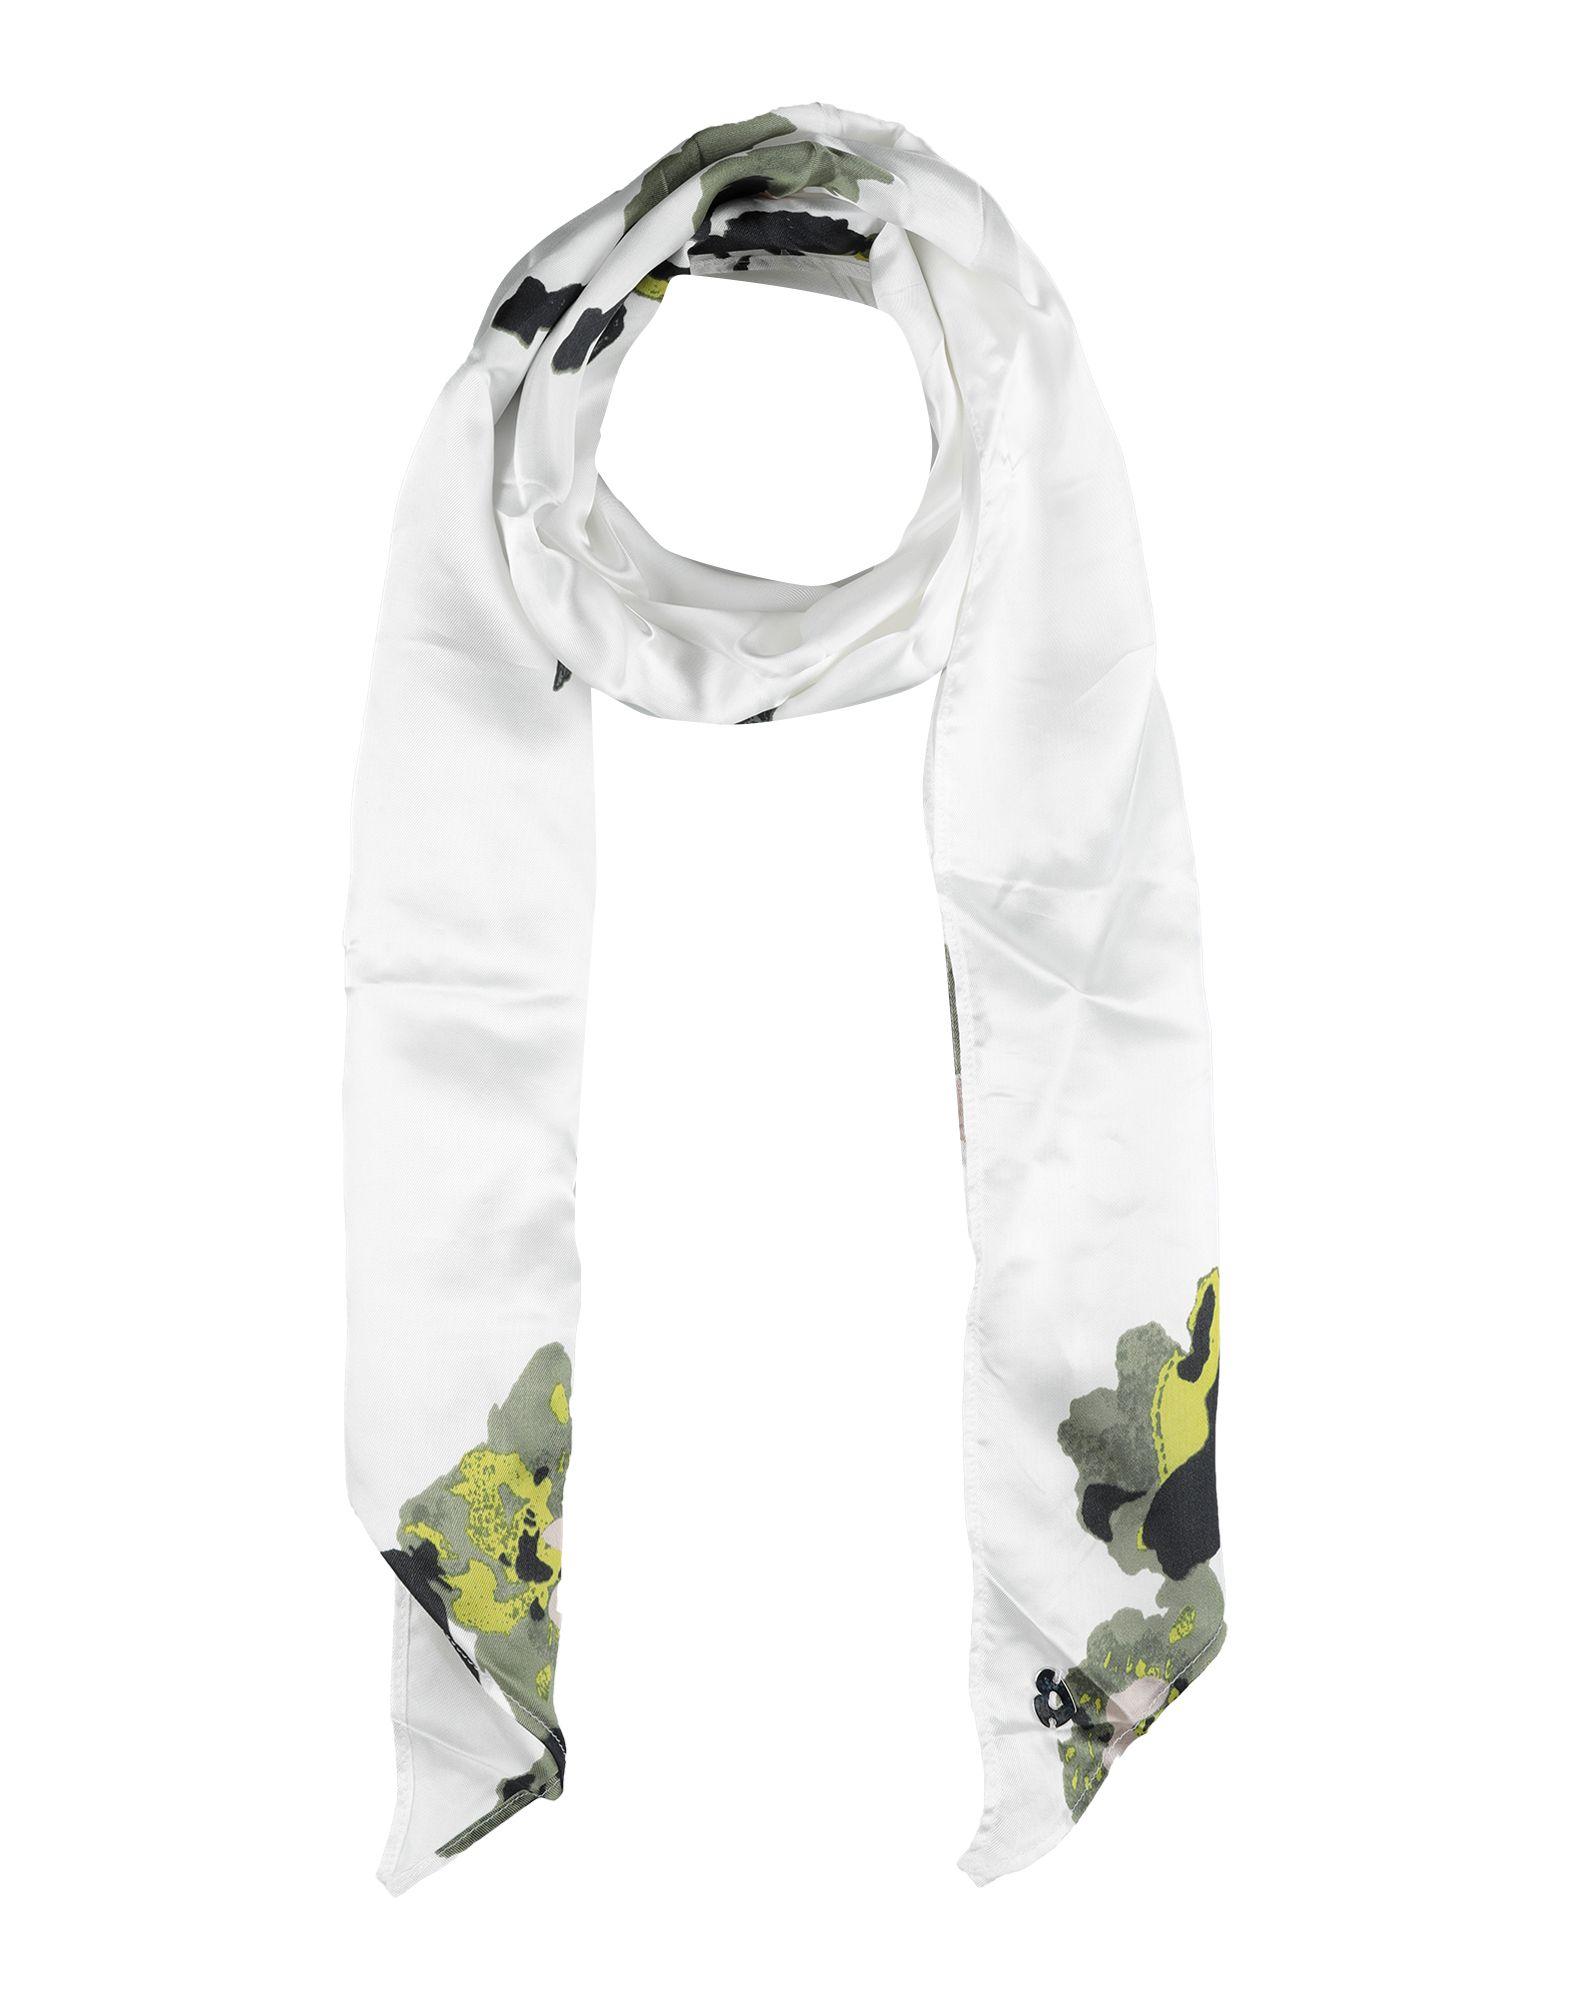 теплый шарф купить спб